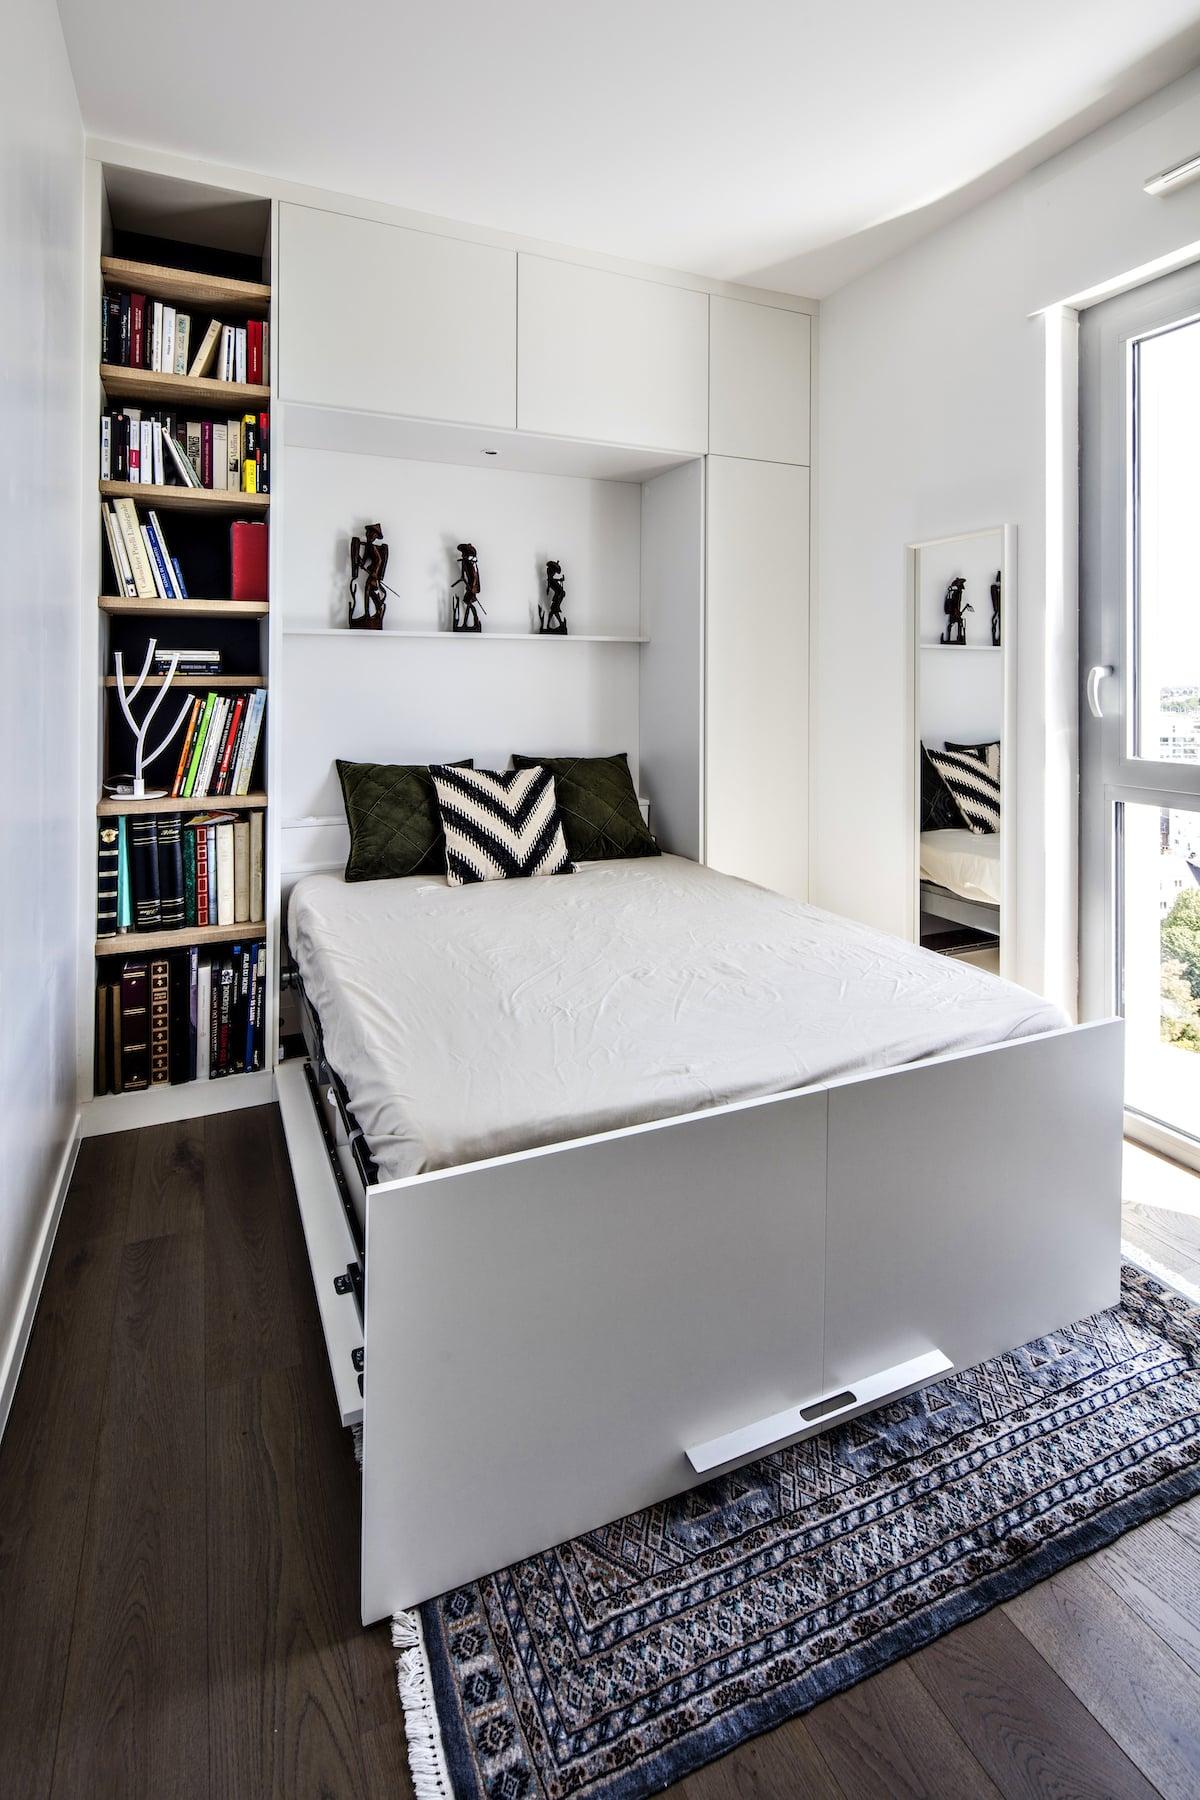 lit rabattable ouvert avec colonne d'étagères